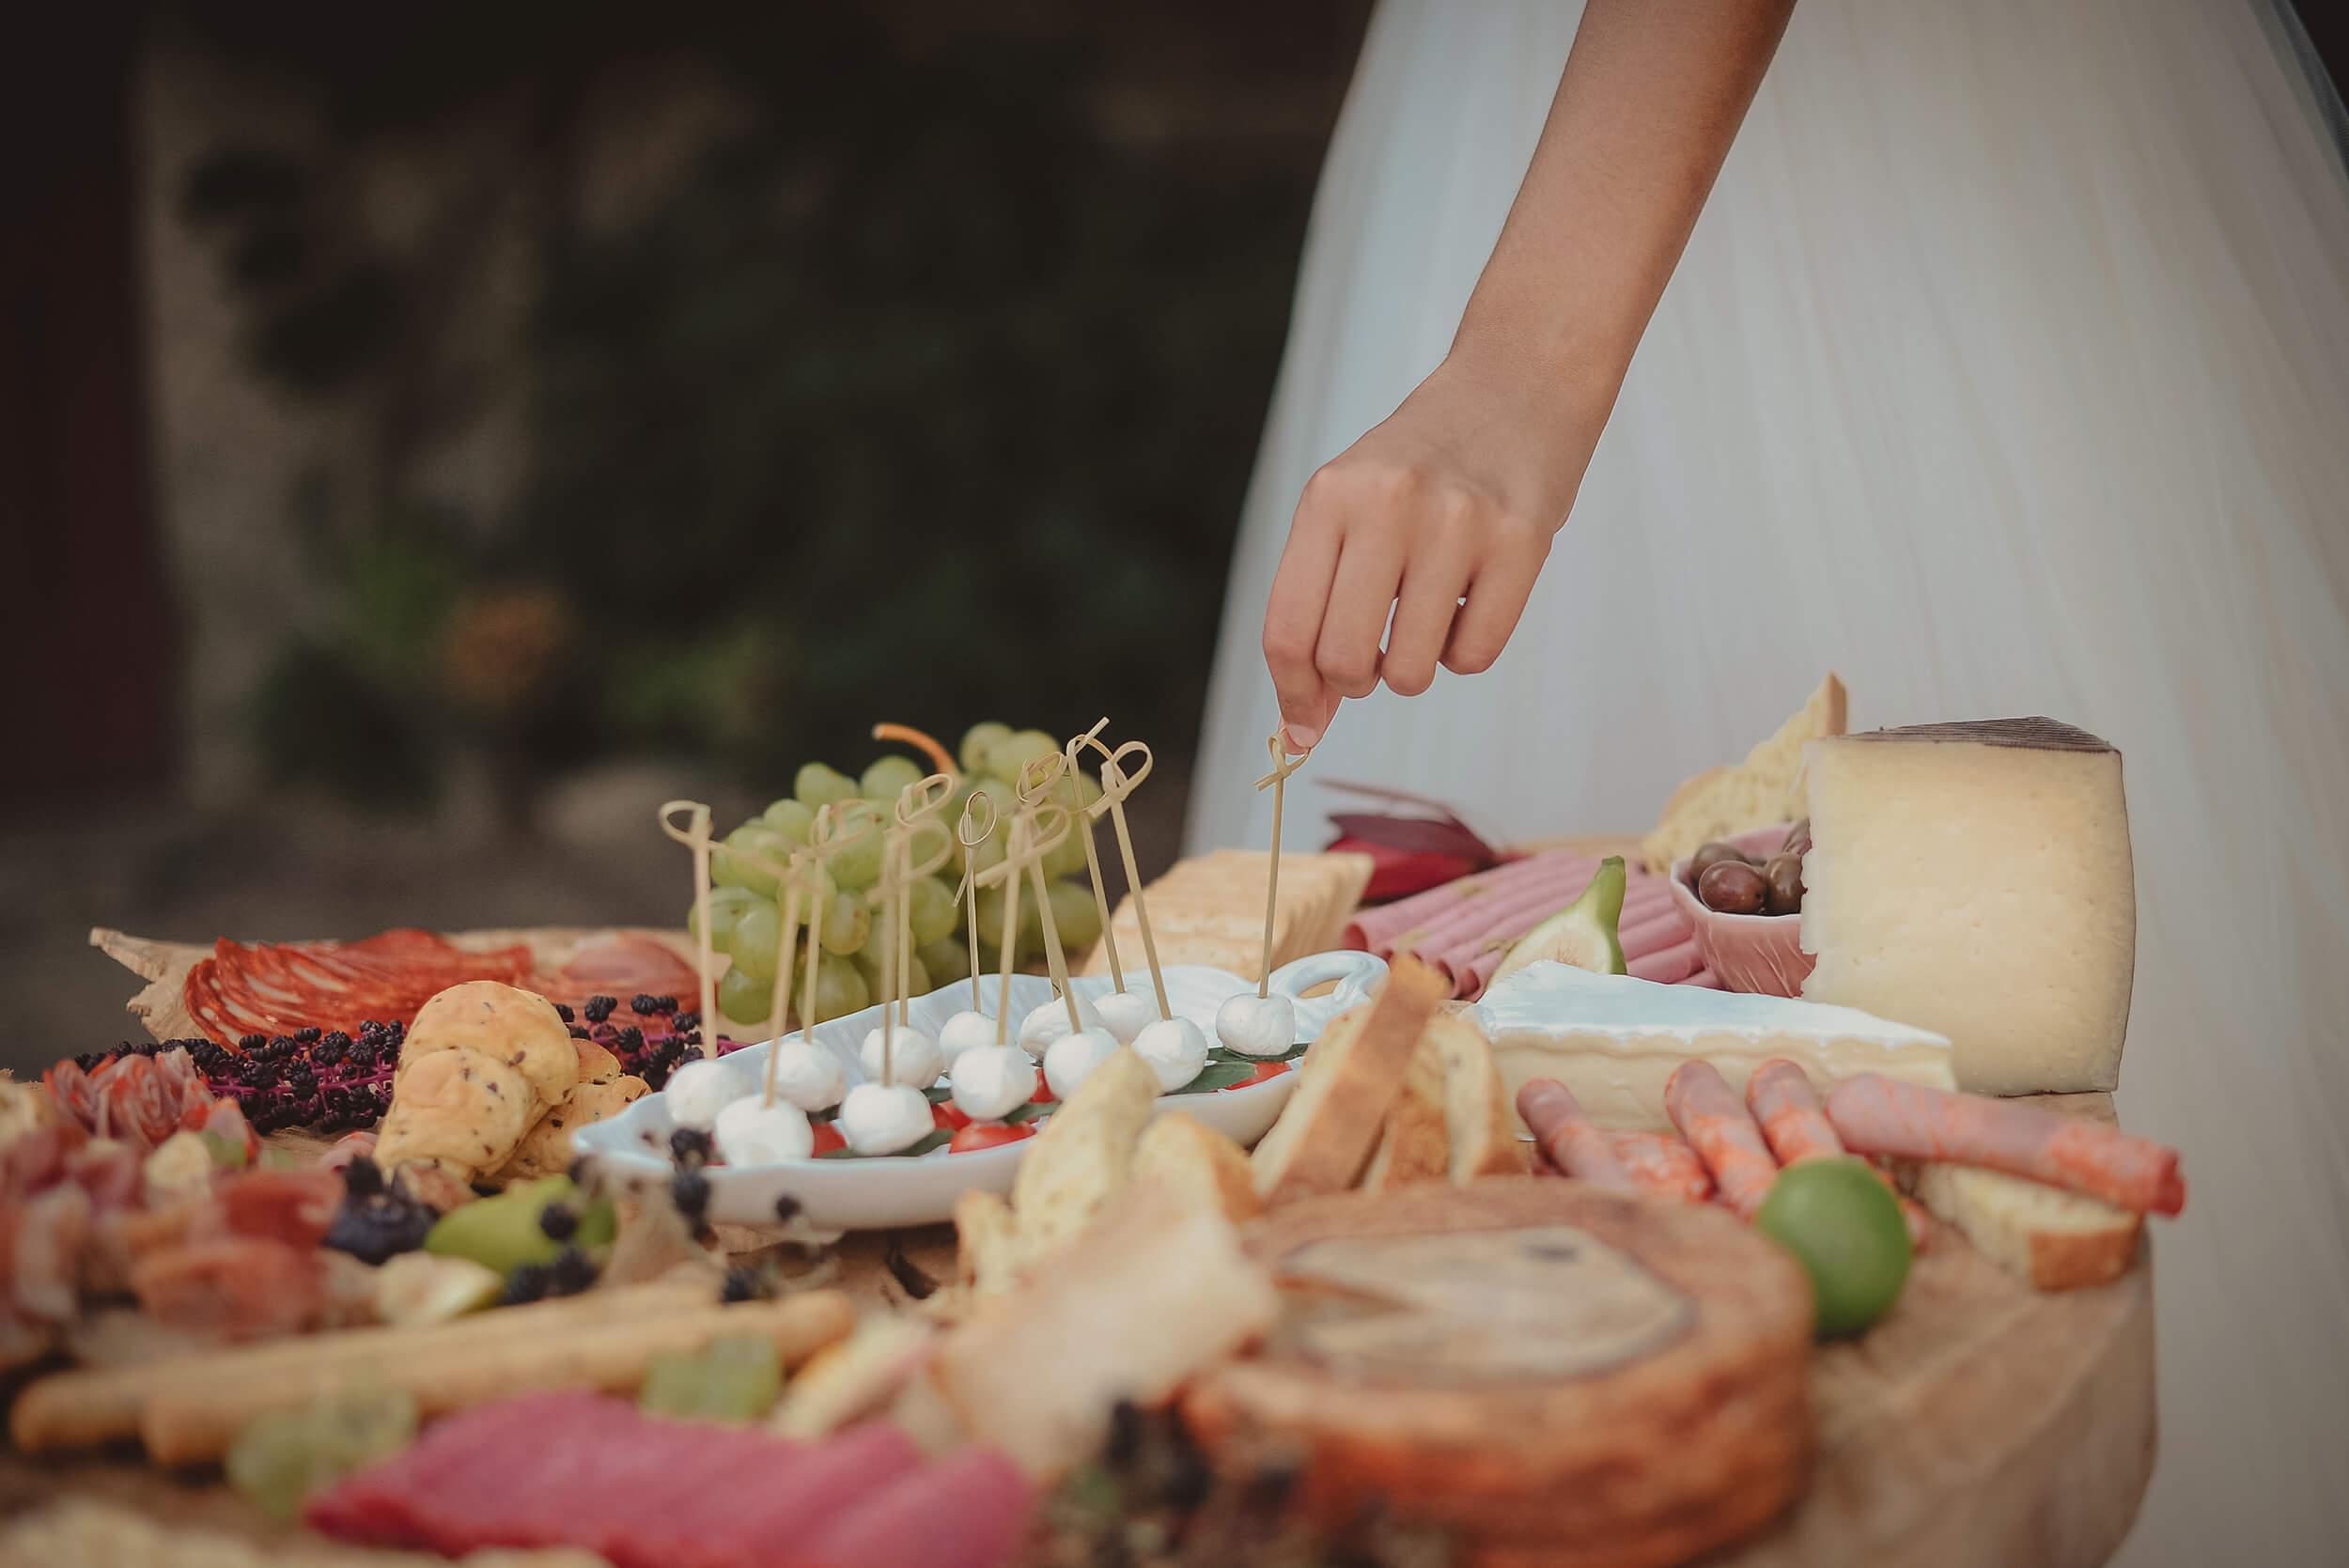 roma-organizacao-eventos-editorial-casamento-colorful-wedding-5